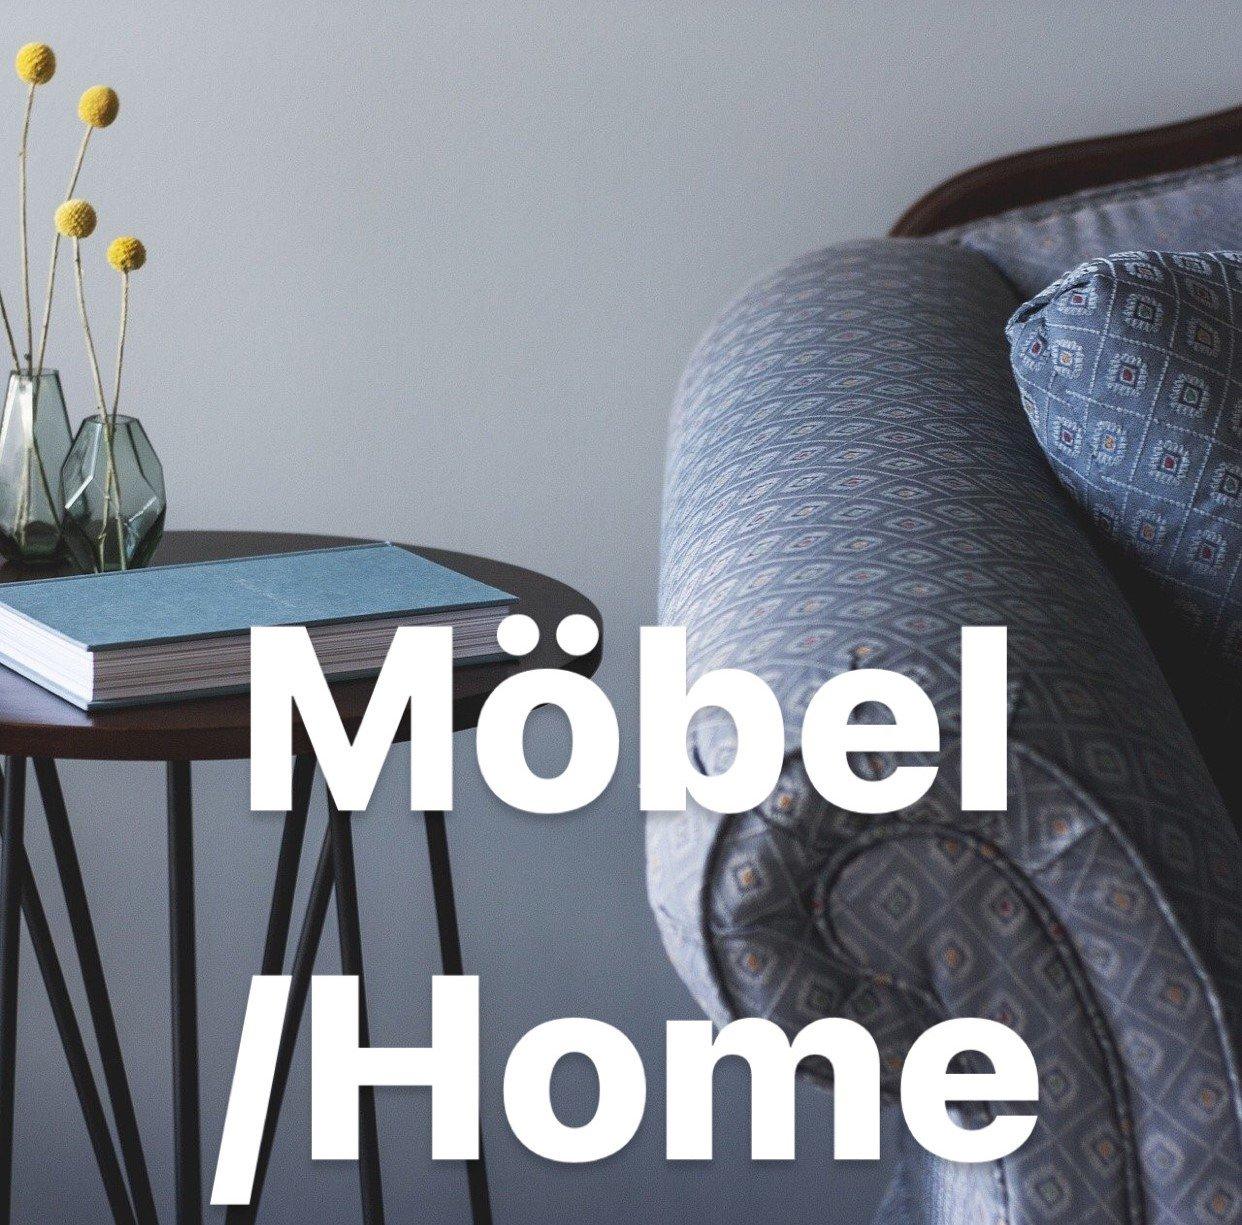 Möbel / home